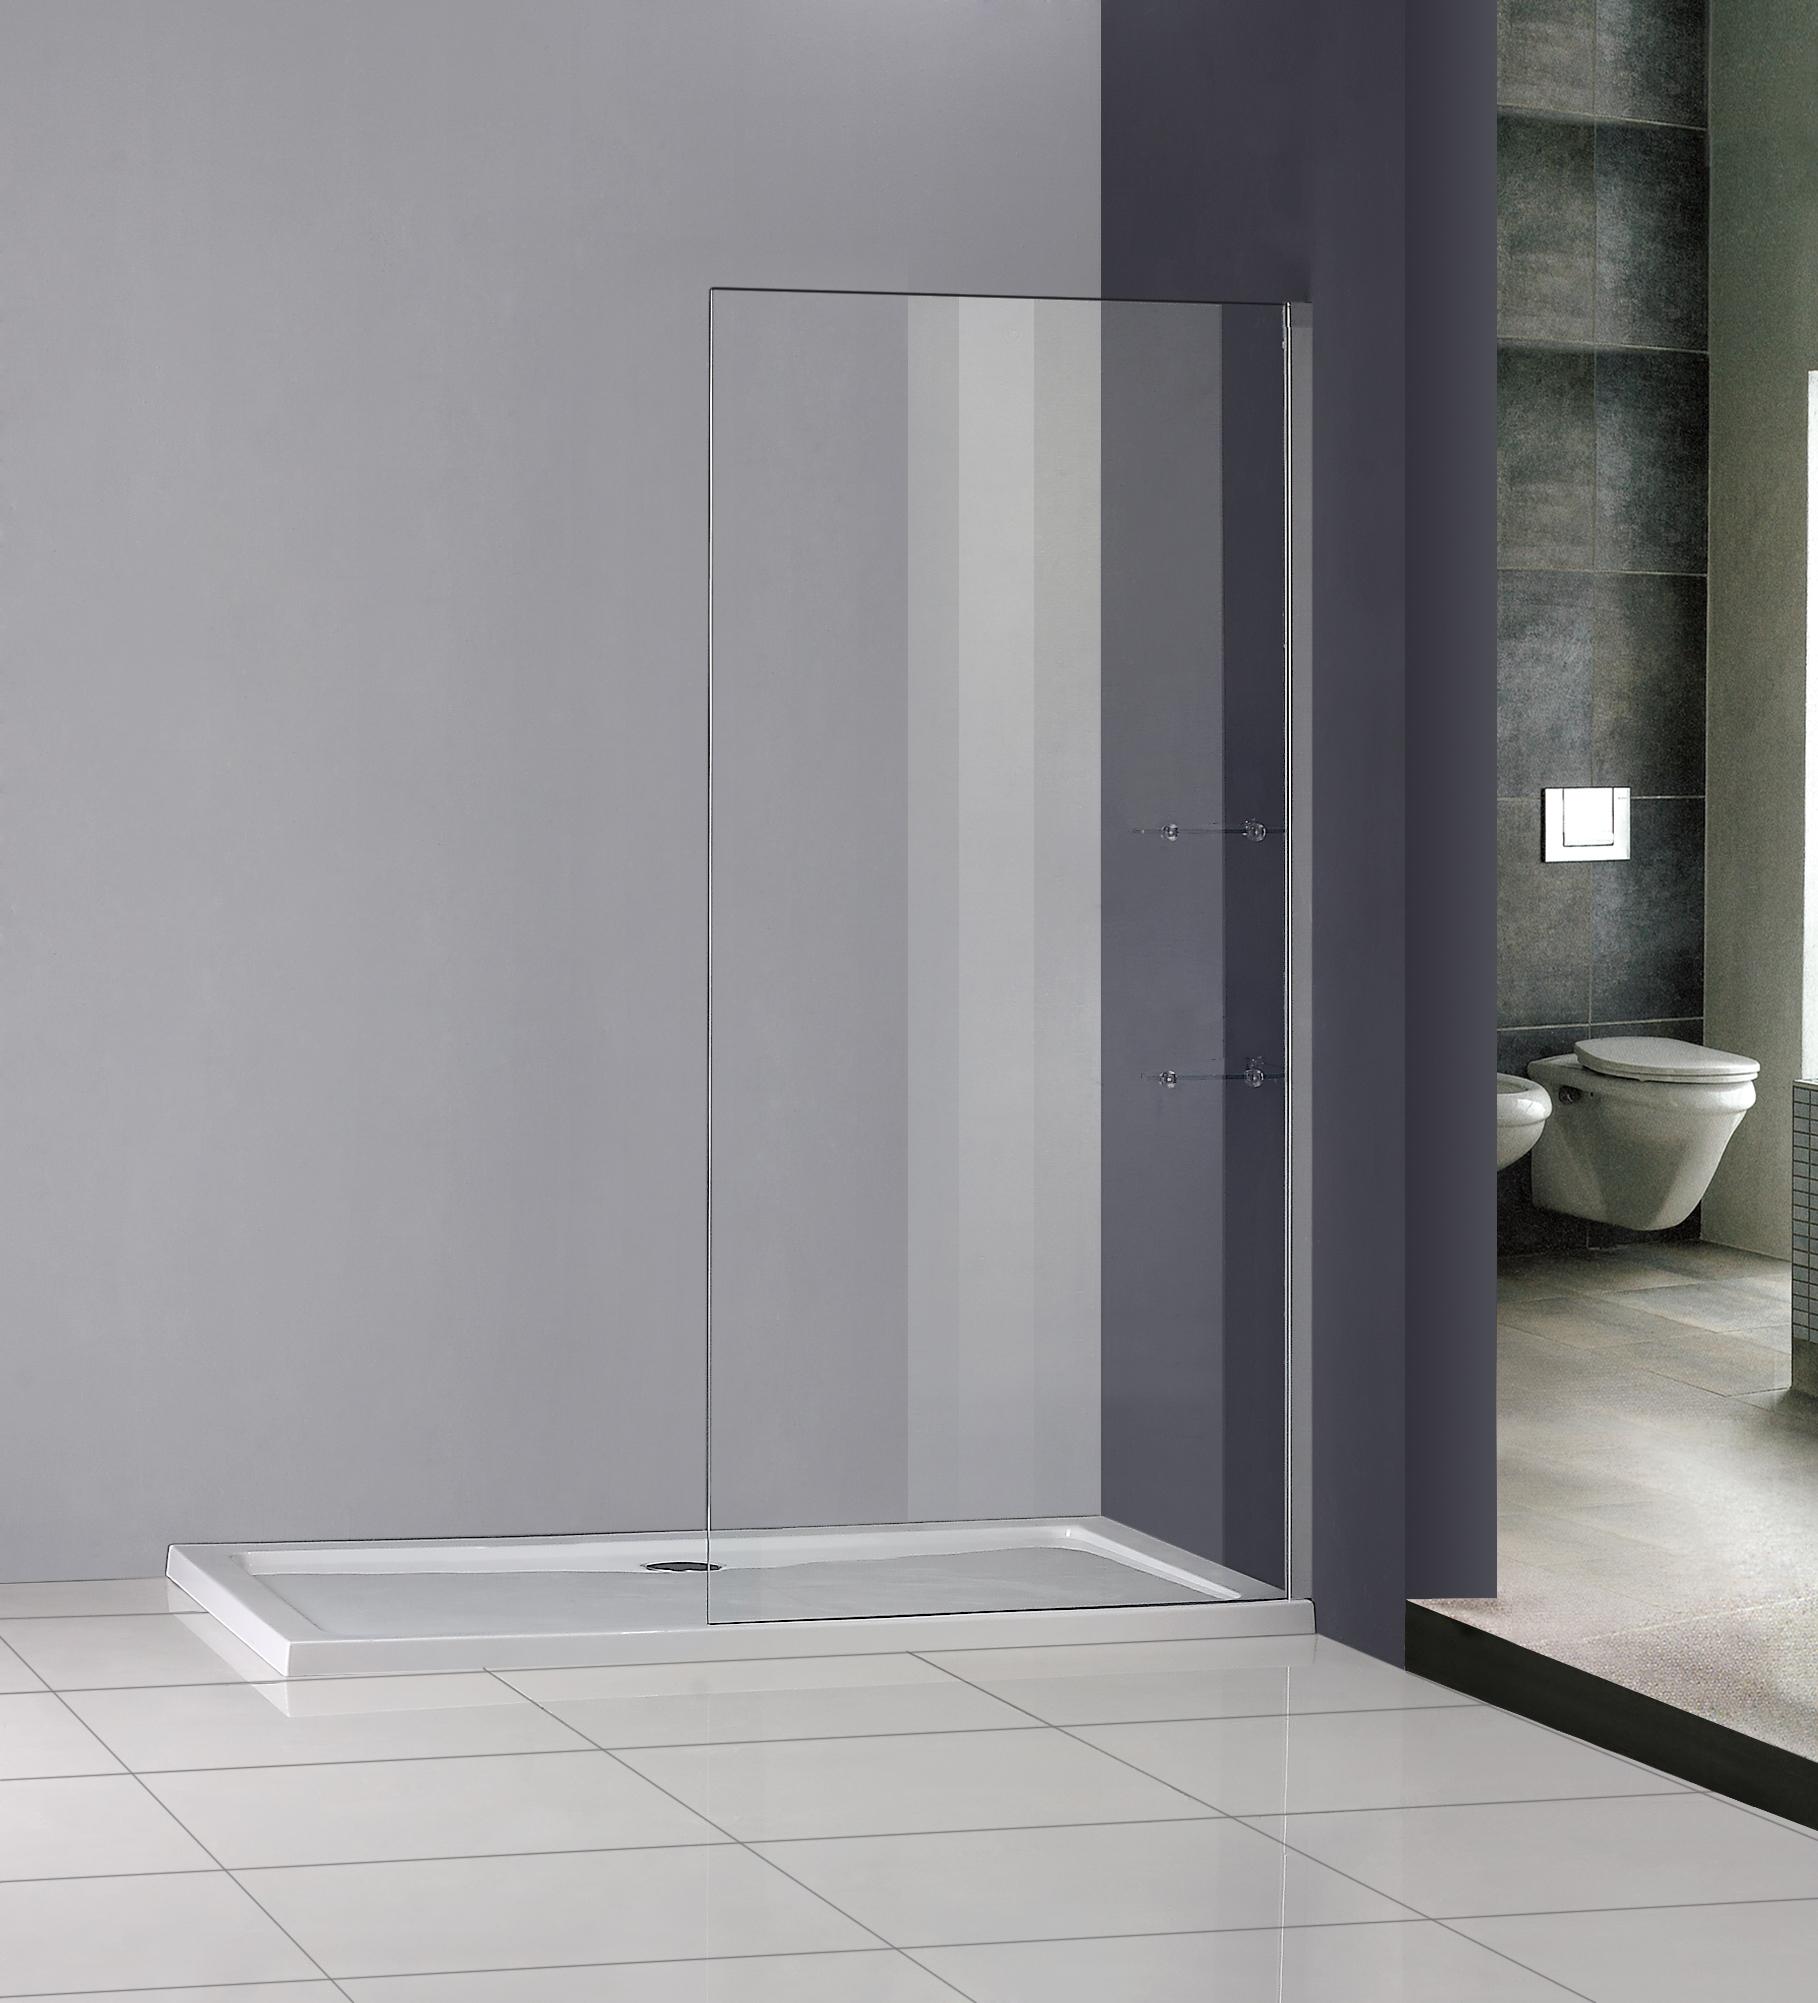 800x1850mm walk in wet room shower enclosure glass cubicle. Black Bedroom Furniture Sets. Home Design Ideas